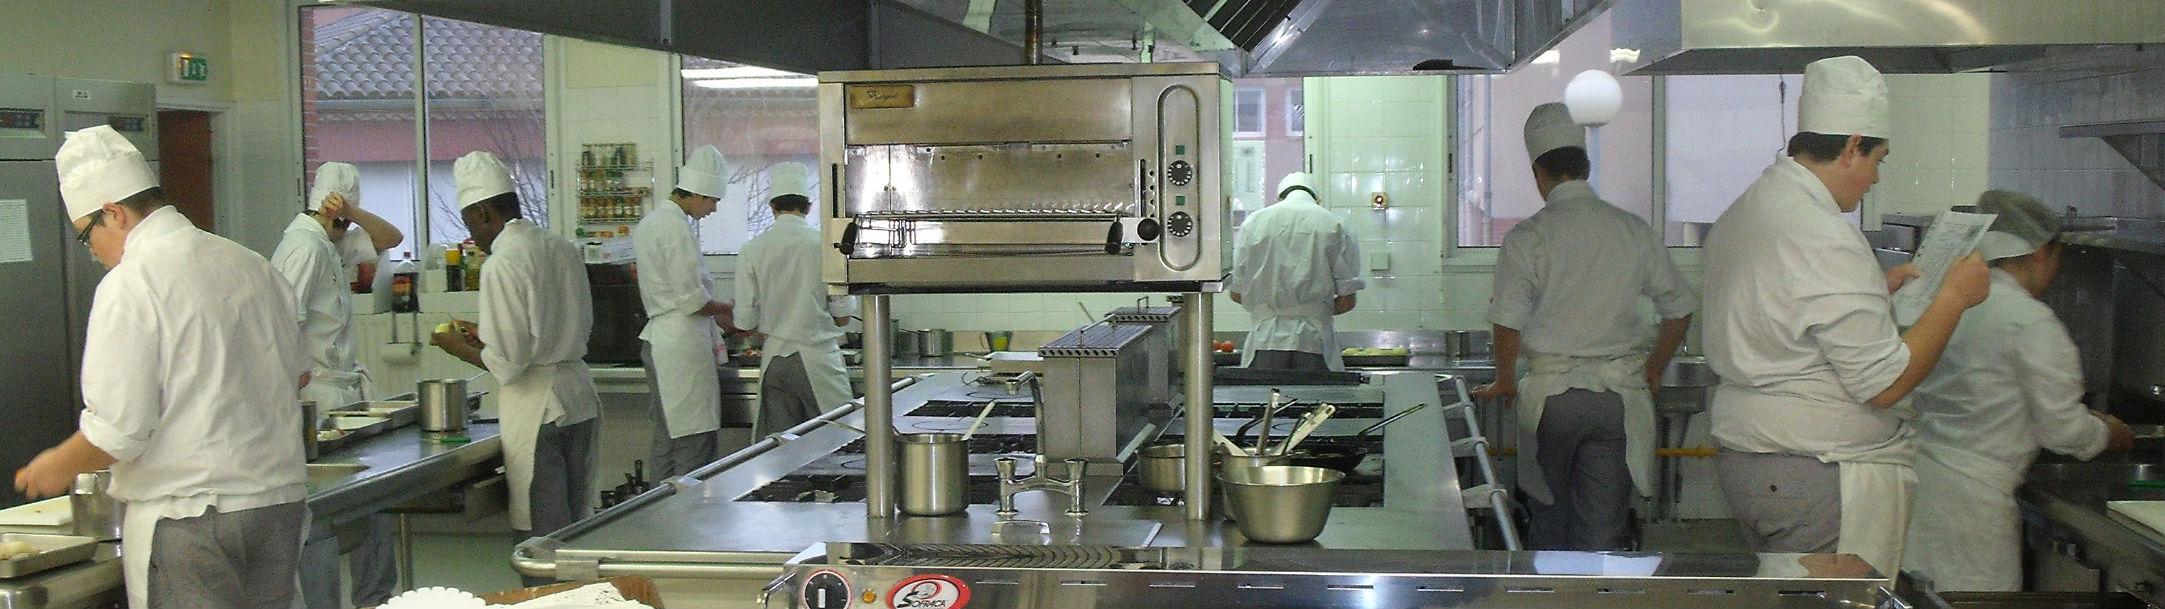 Le bac pro cuisine - Fiche bilan de competences bac pro cuisine ...